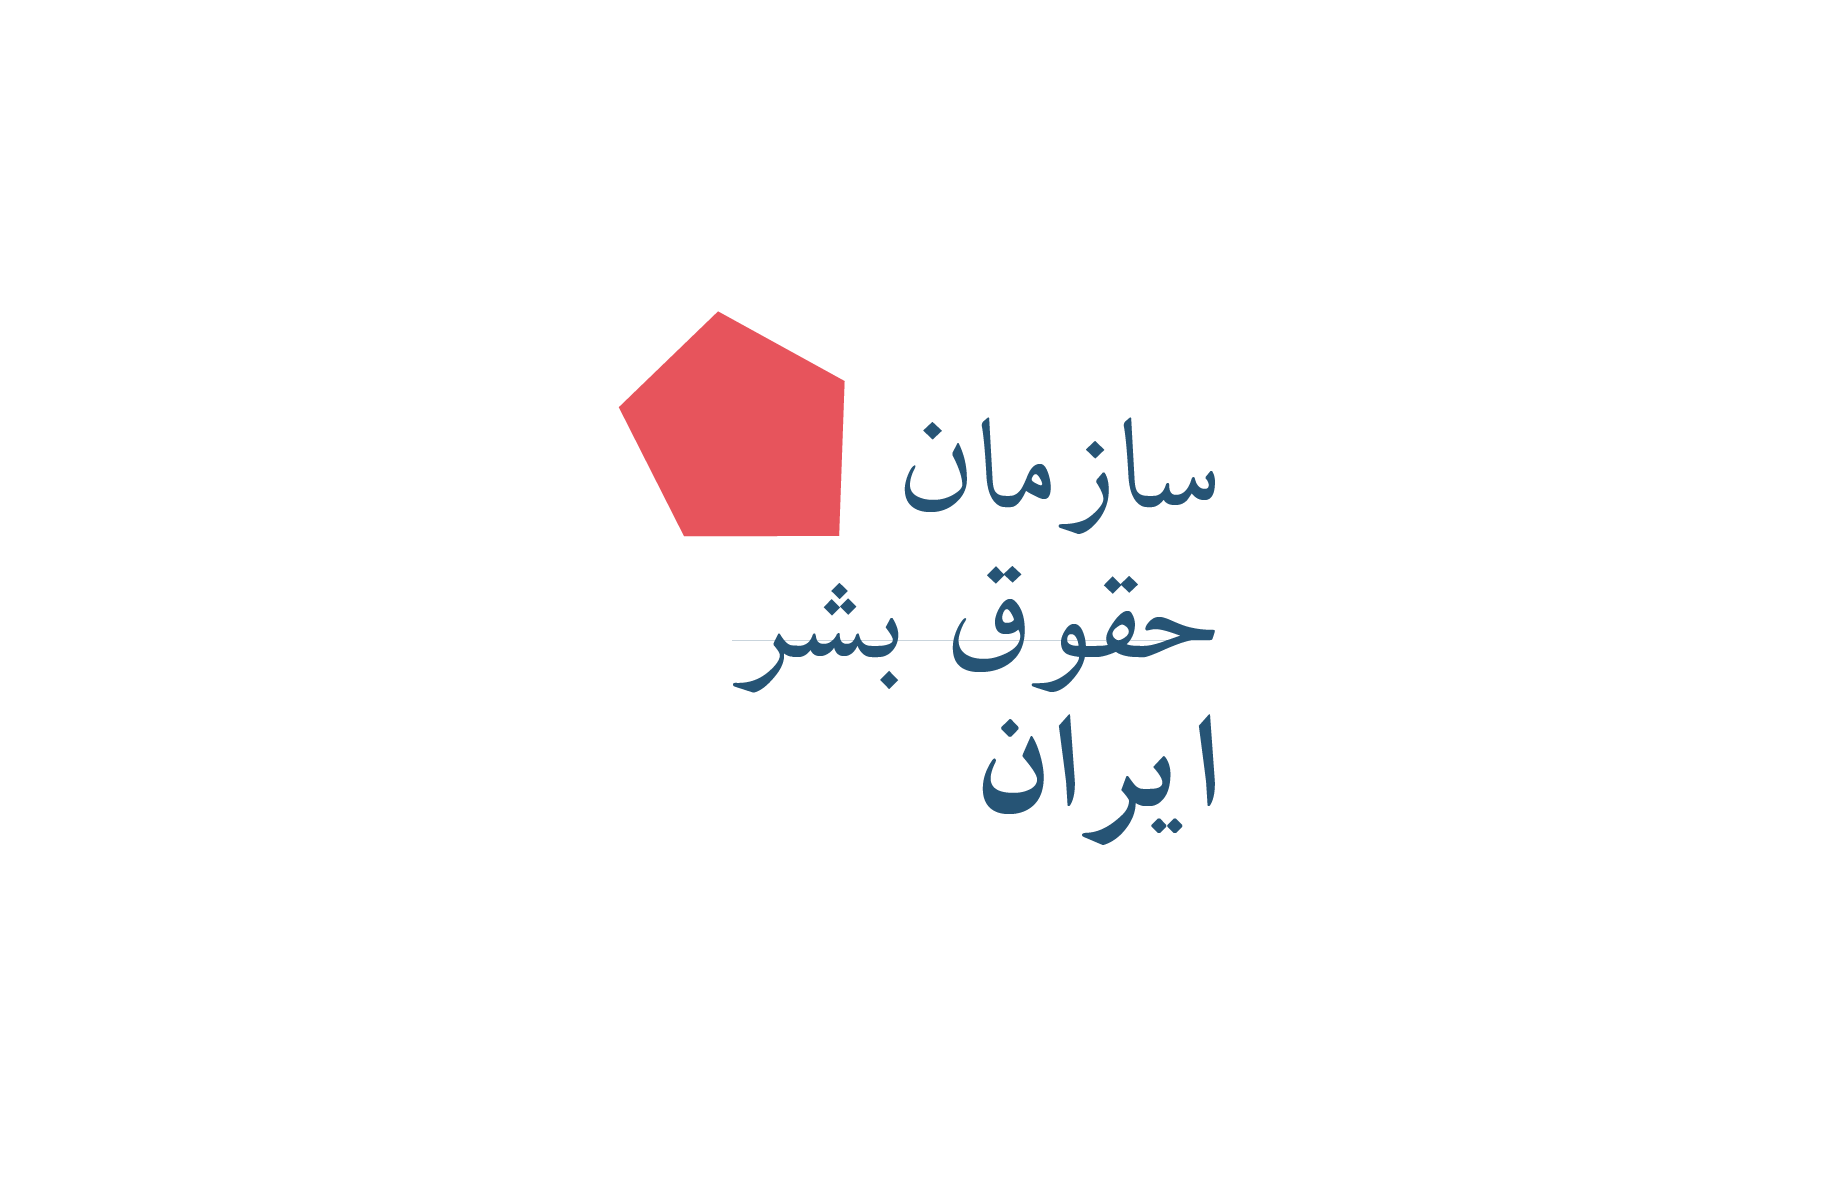 سازمان حقوق بشر ایران فشار بر خانوادهها و تهدید به ربایش روزنامهنگاران ایرانی را محکوم کرد